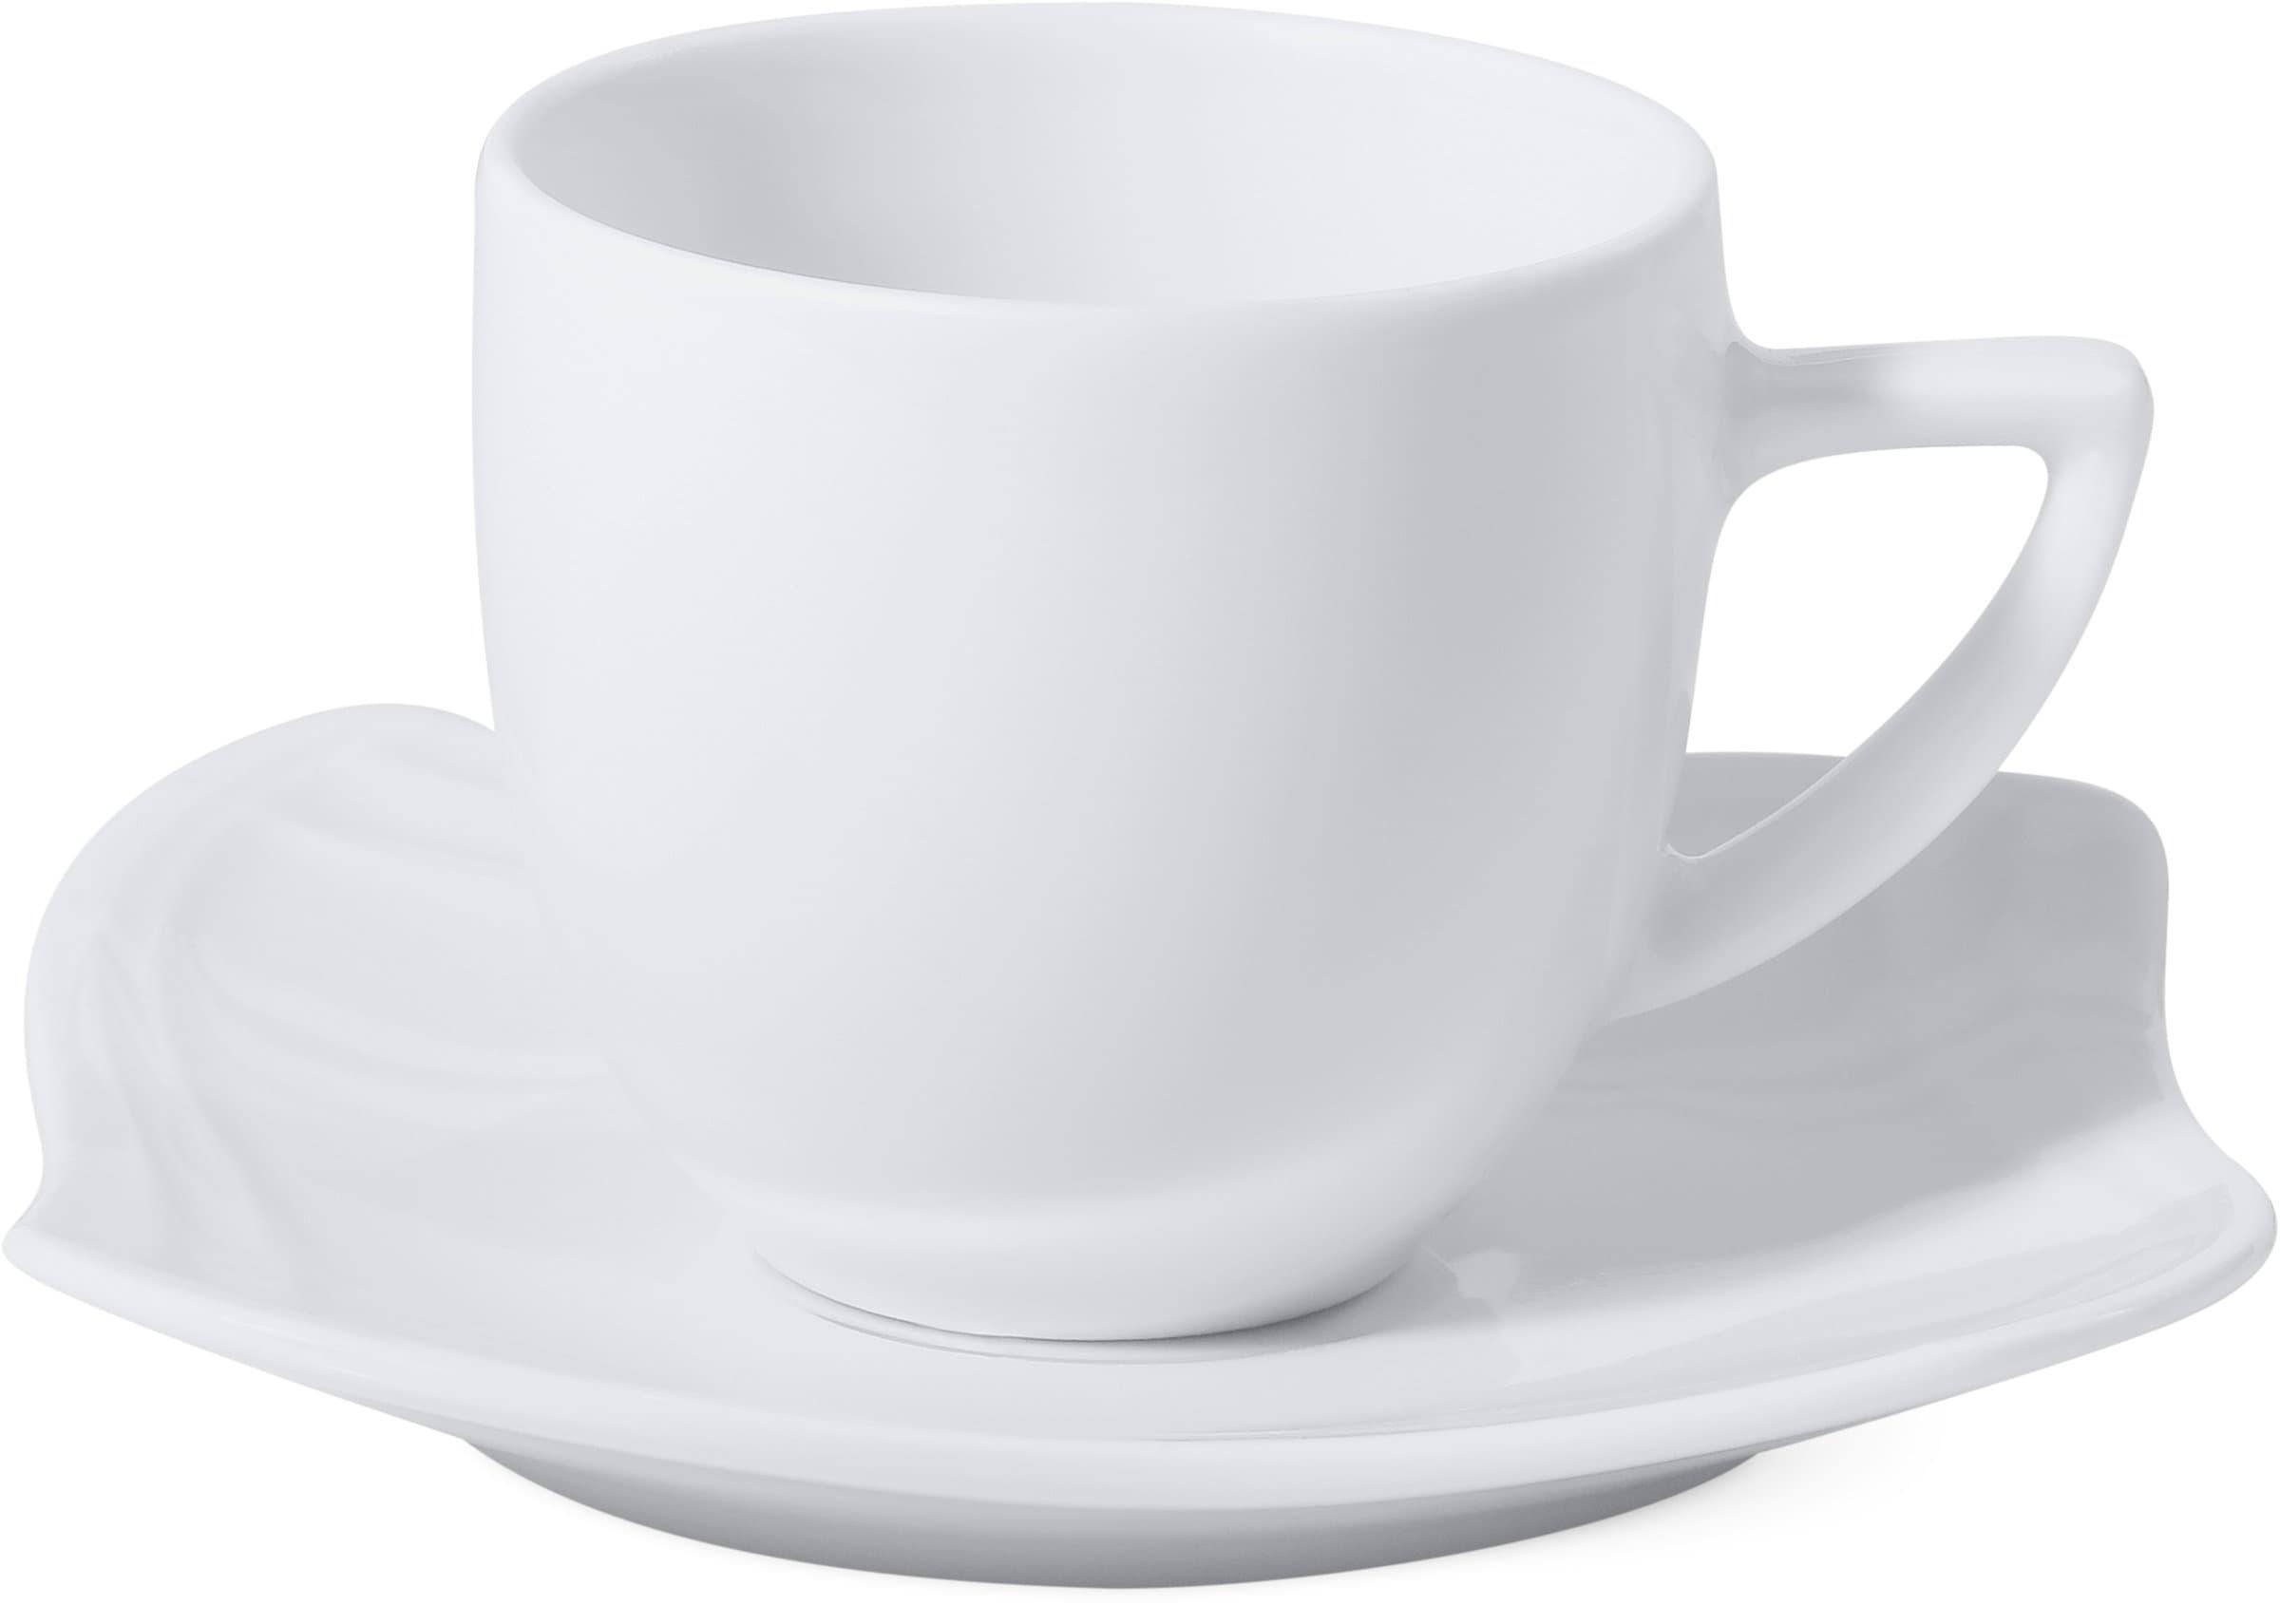 Cucina & Tavola VANITY Espressotasse mit Unterteller Tasse